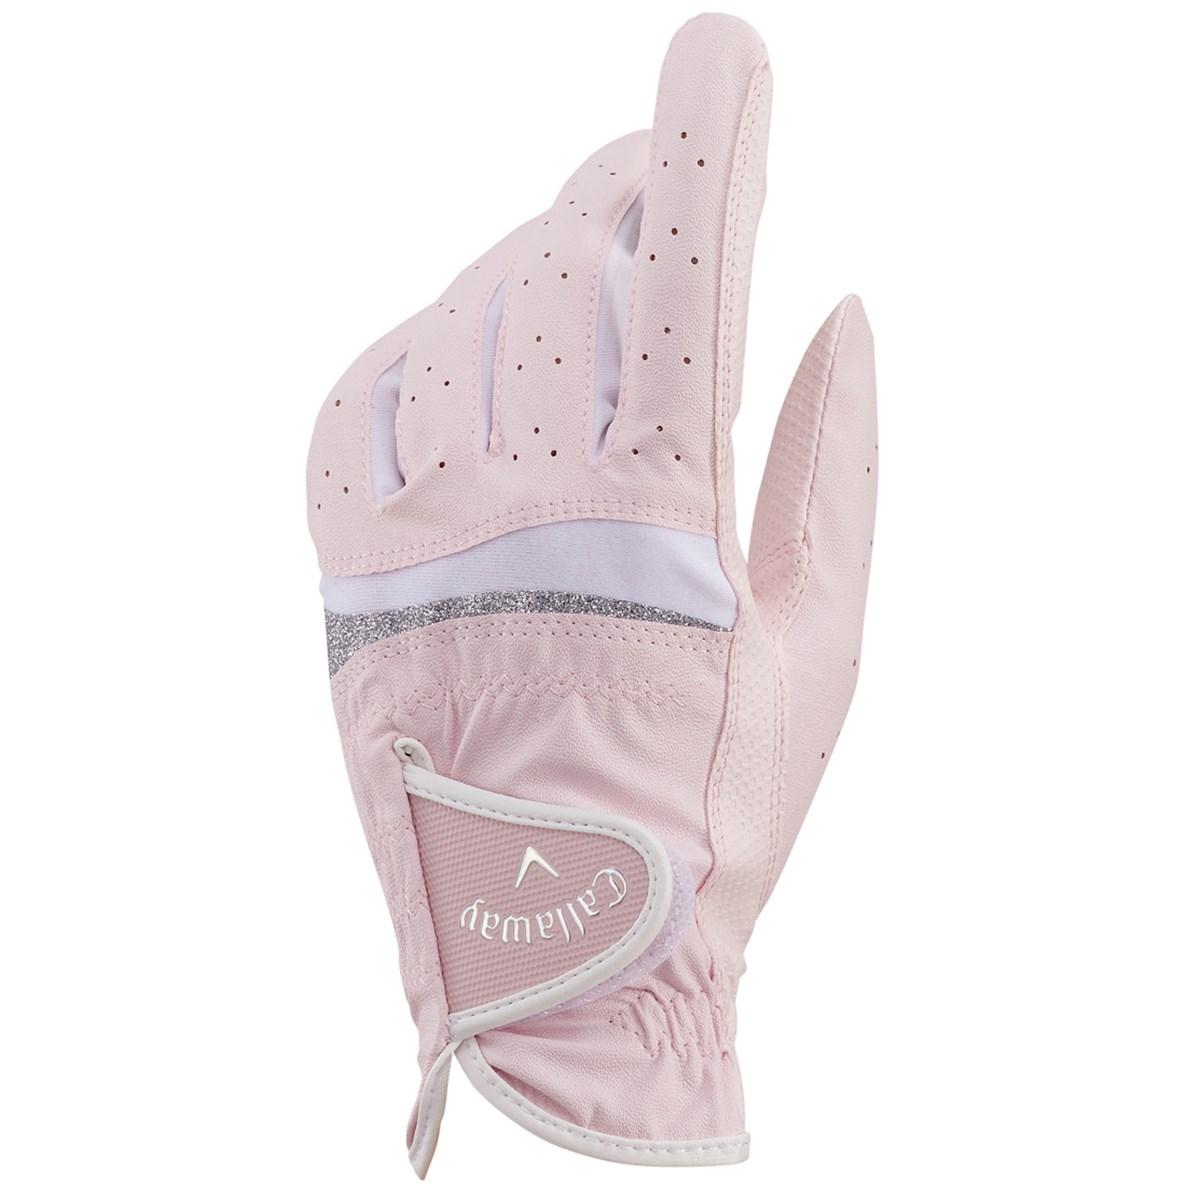 キャロウェイゴルフ Callaway Golf STYLE JM グローブ 19cm 左手着用(右利き用) ピンク レディス